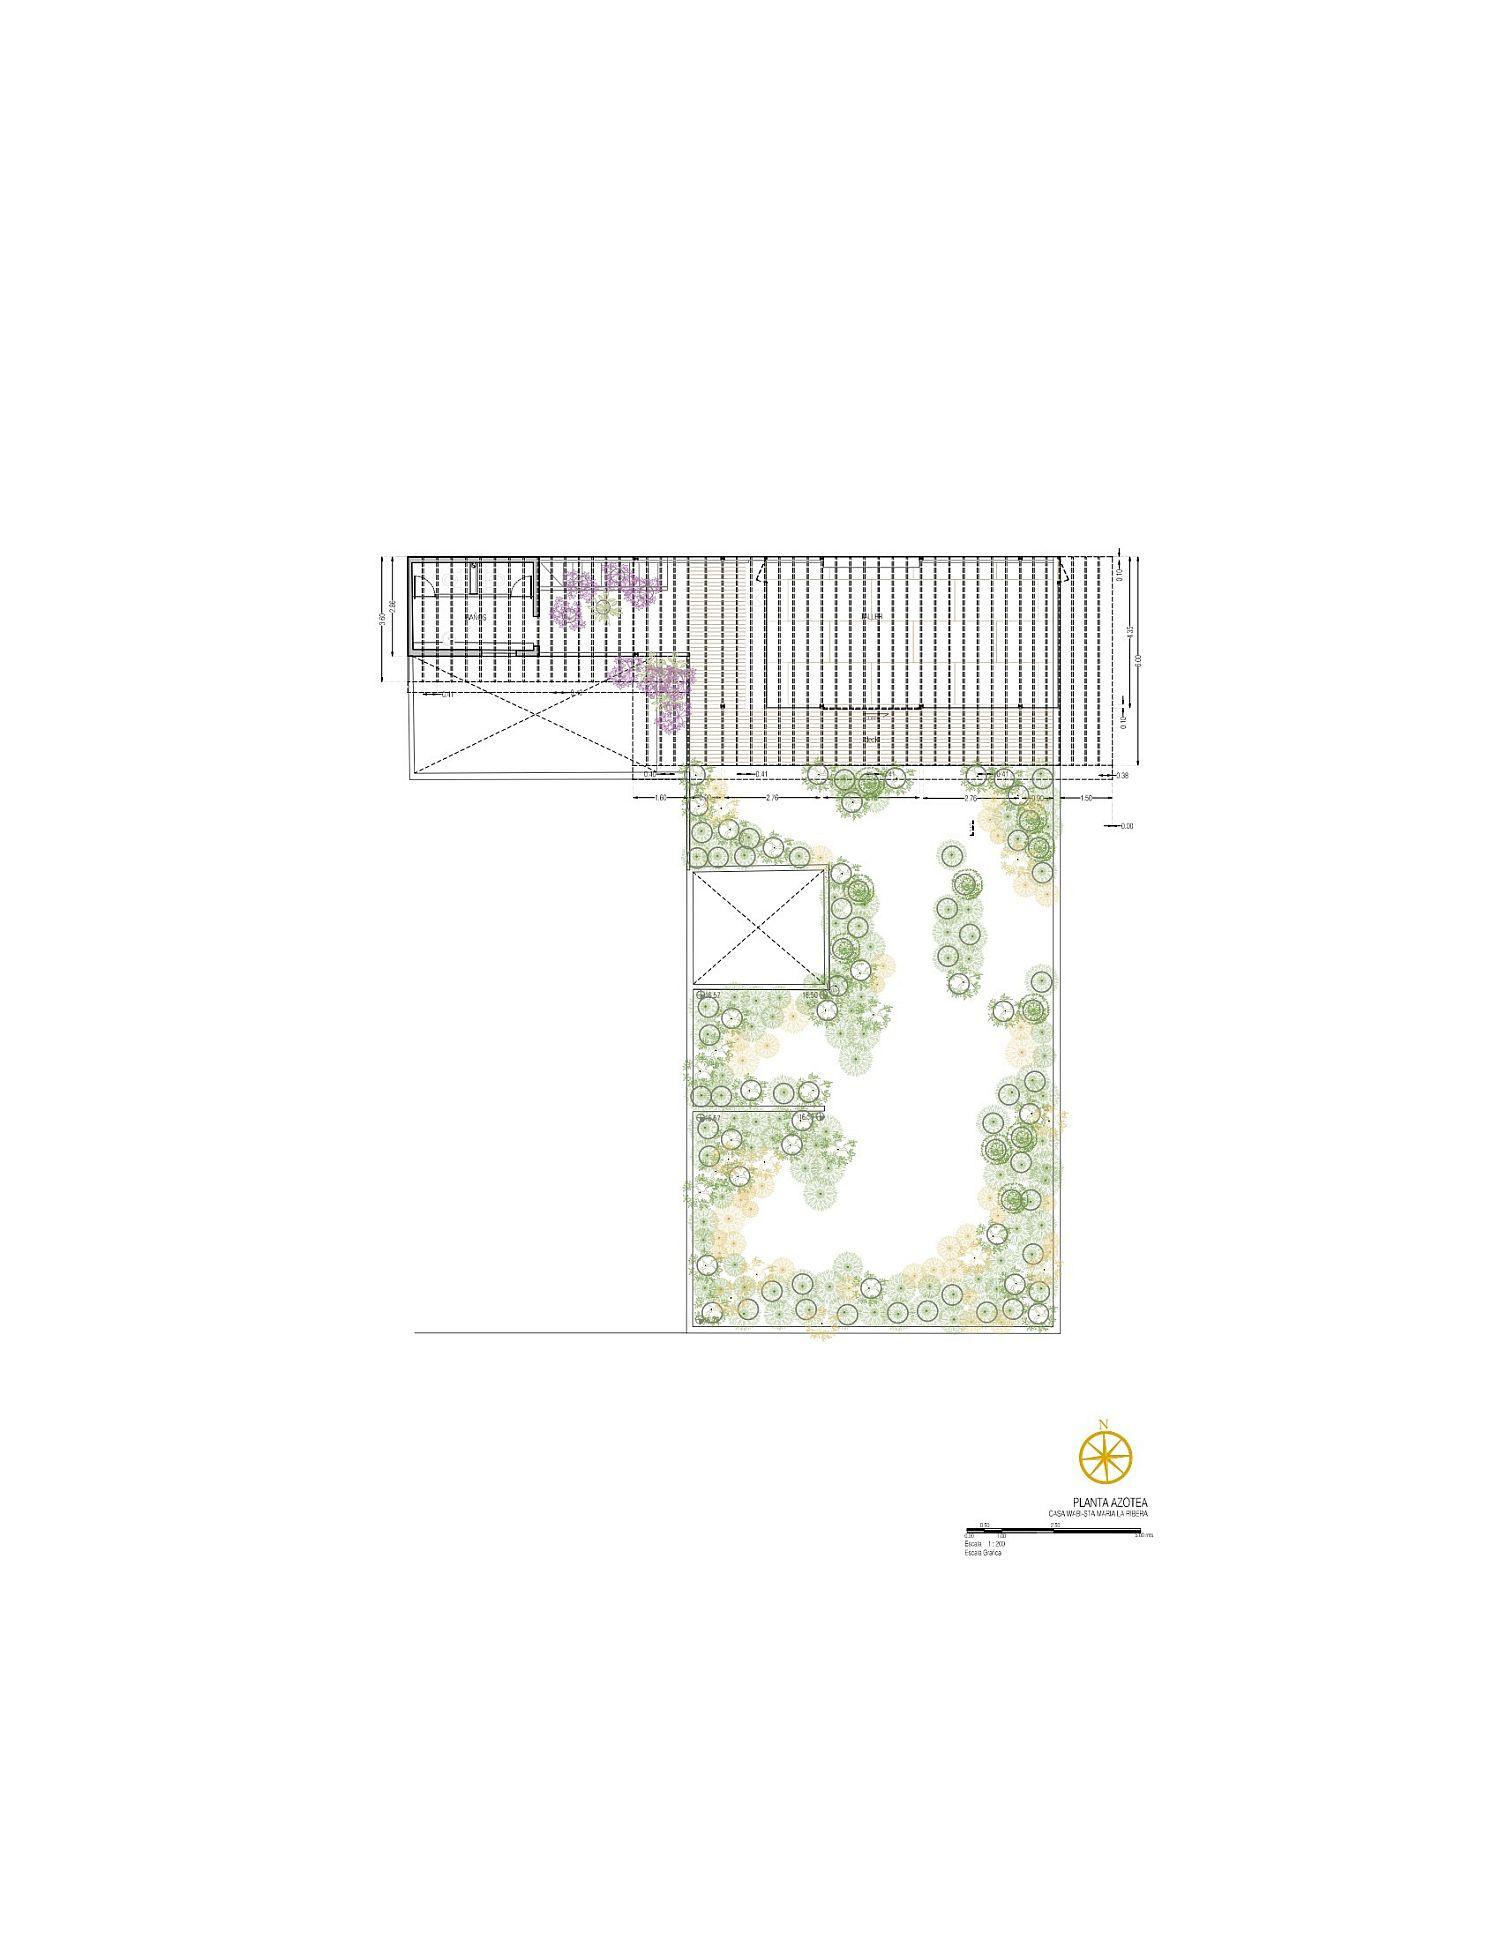 Roof level floor plan